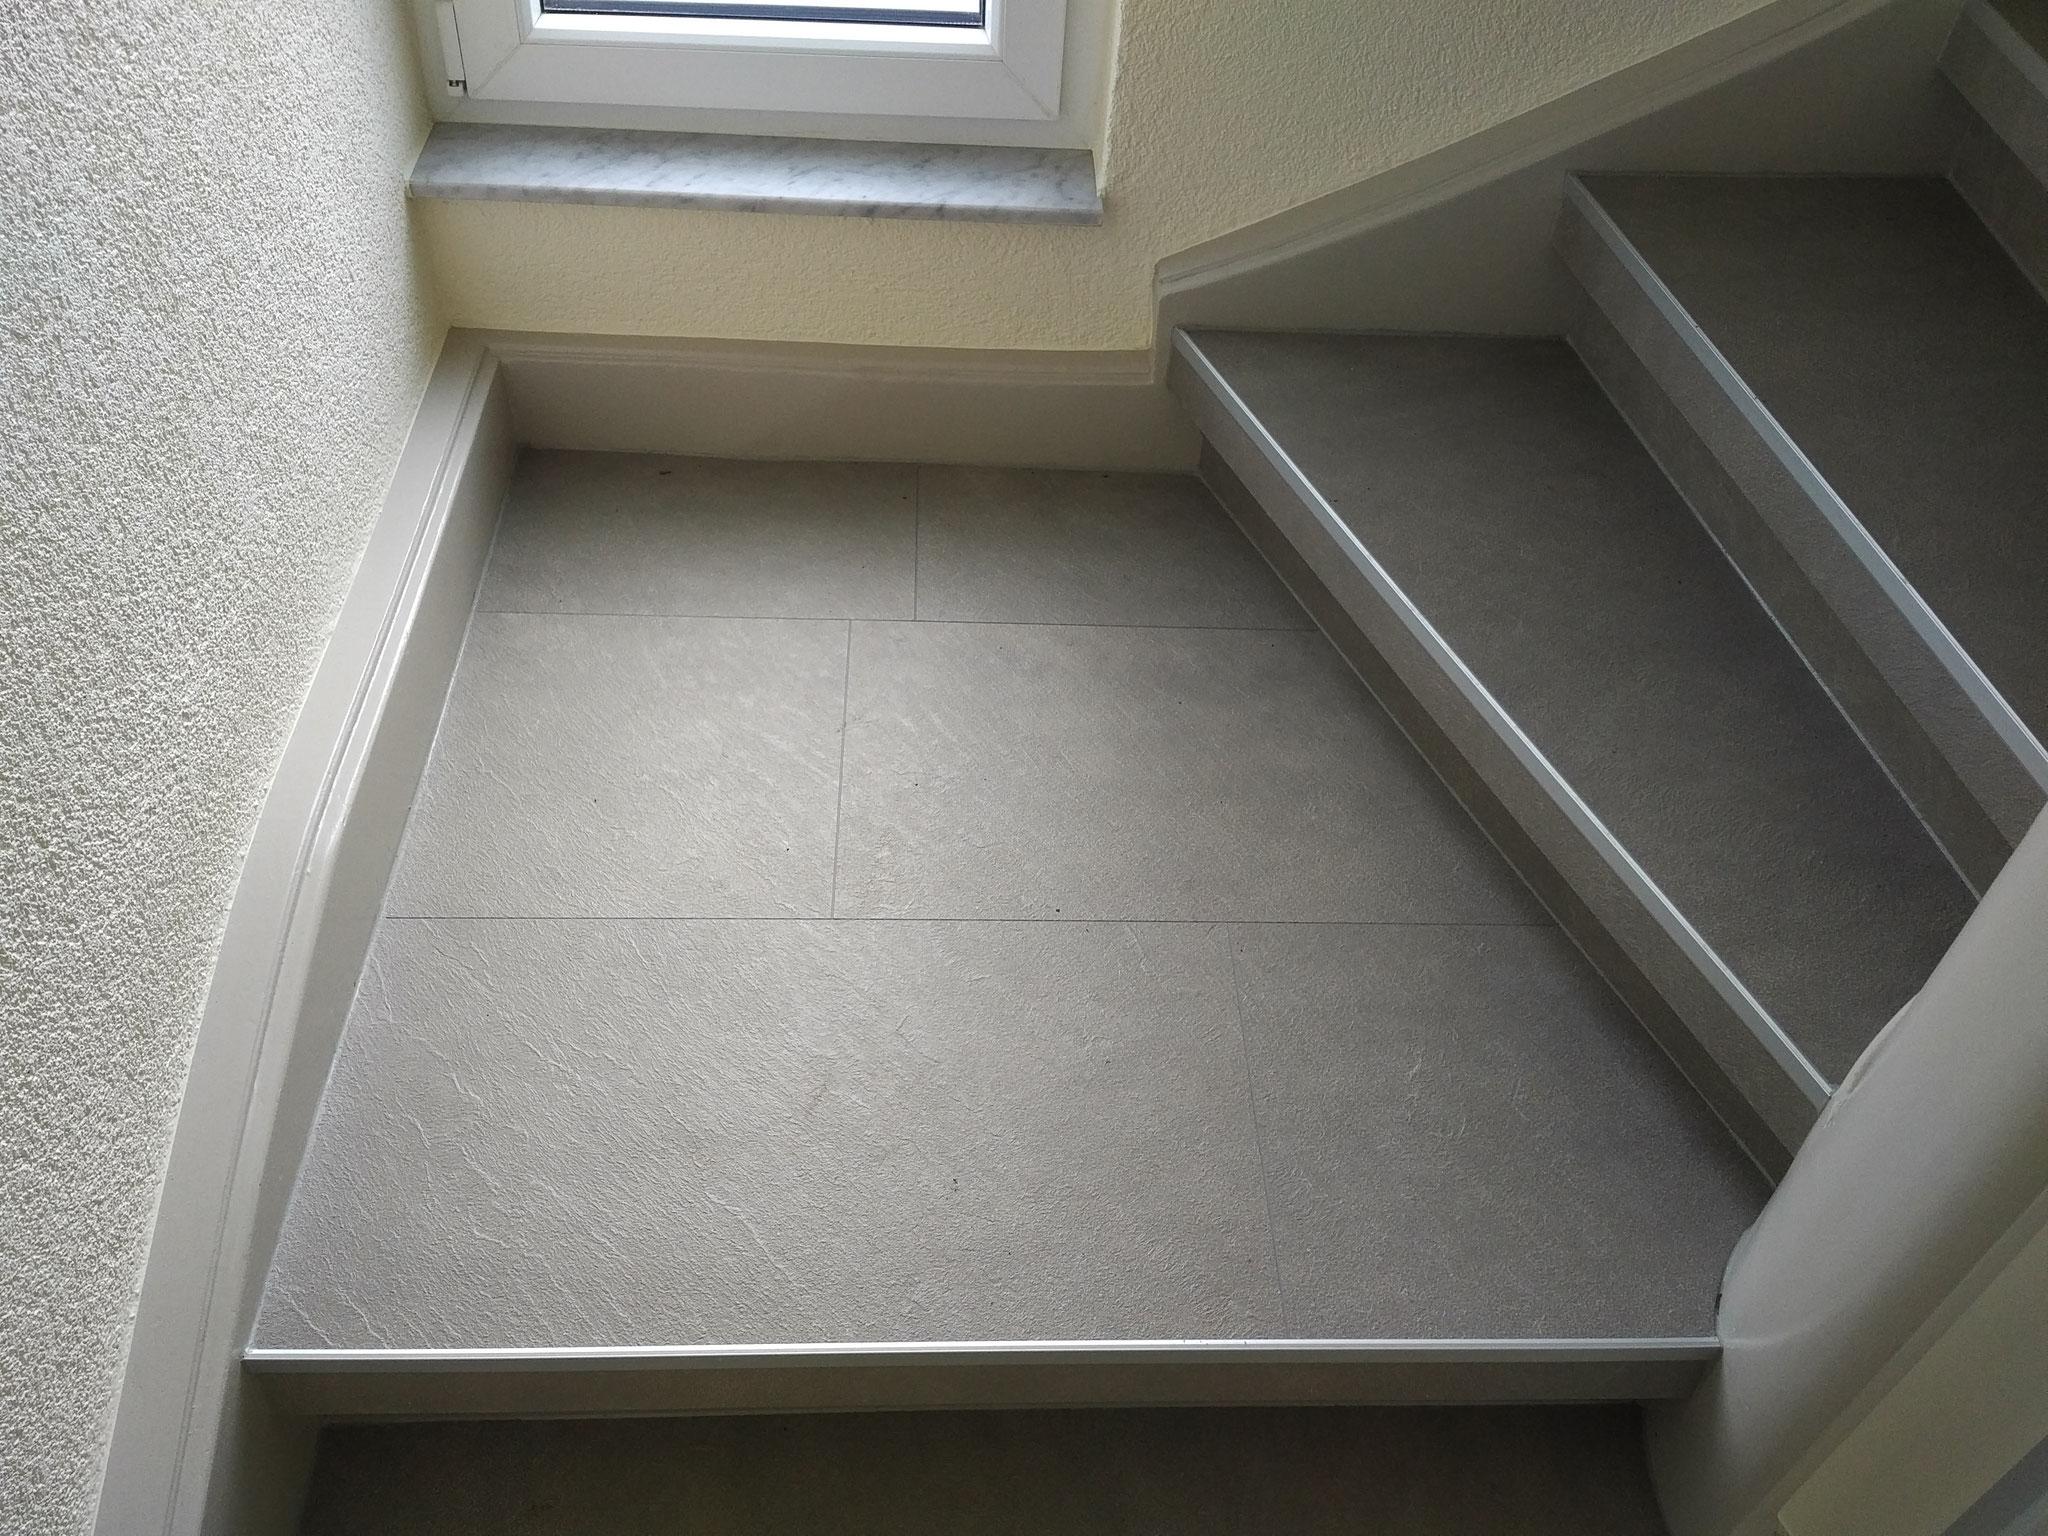 Super Treppenrenovierung - Professionell renovieren mit System KL36